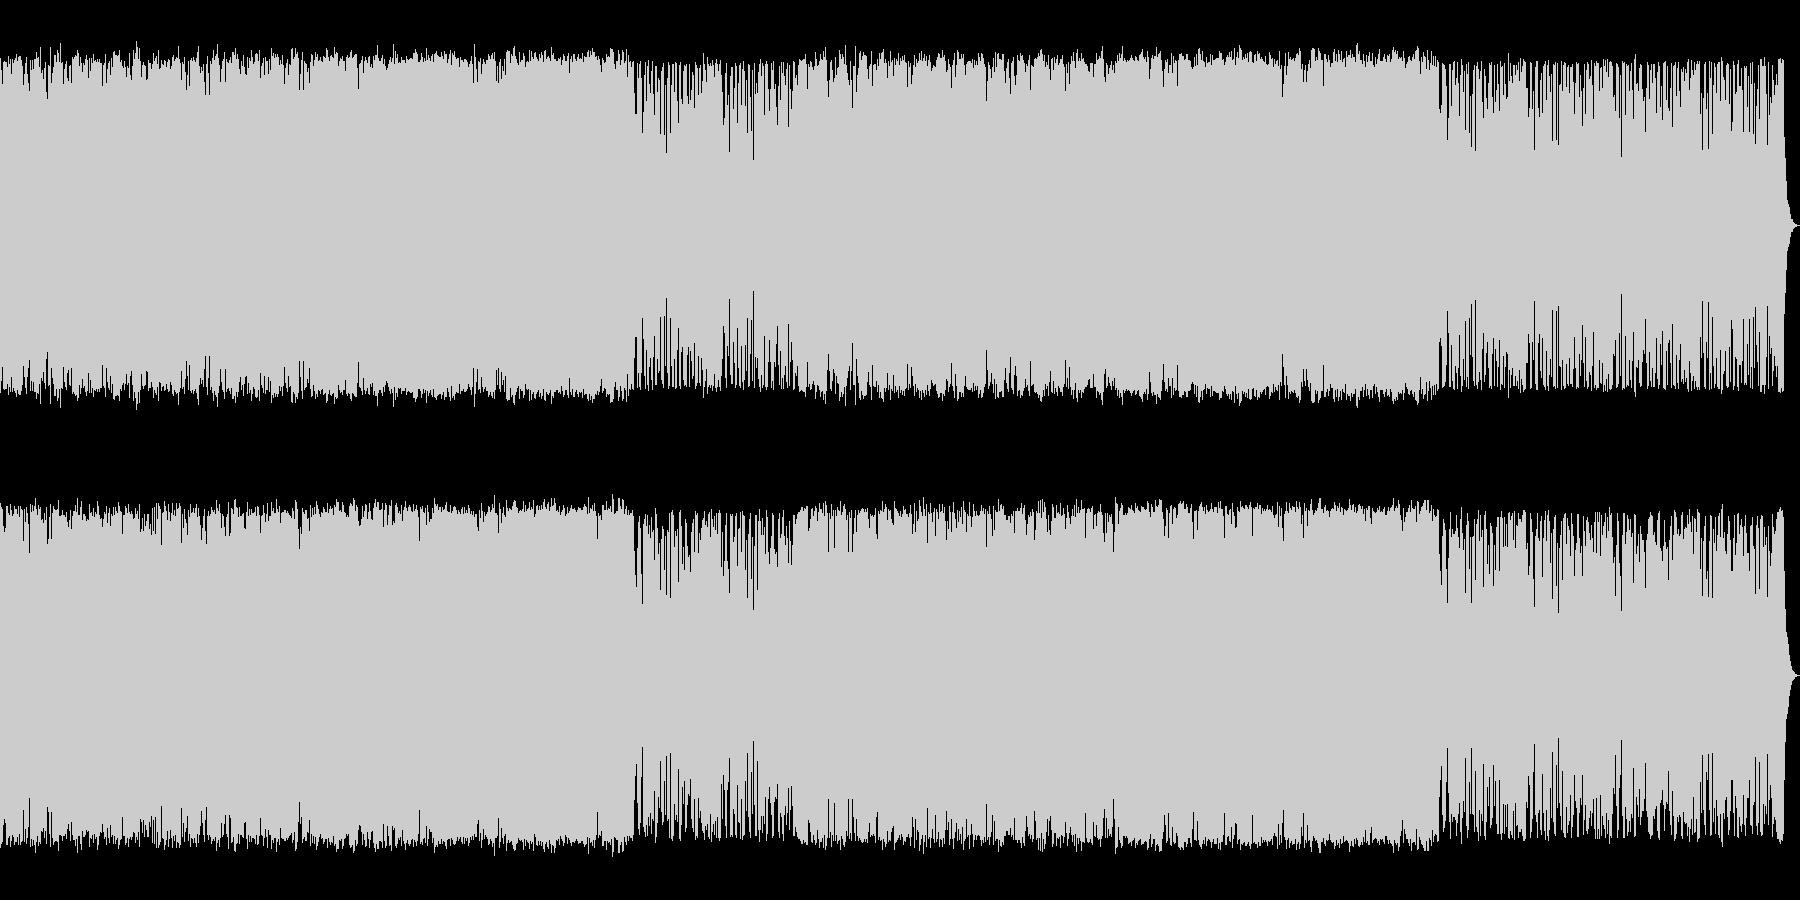 オーケストラ変拍子系の曲【RPG、シュ…の未再生の波形